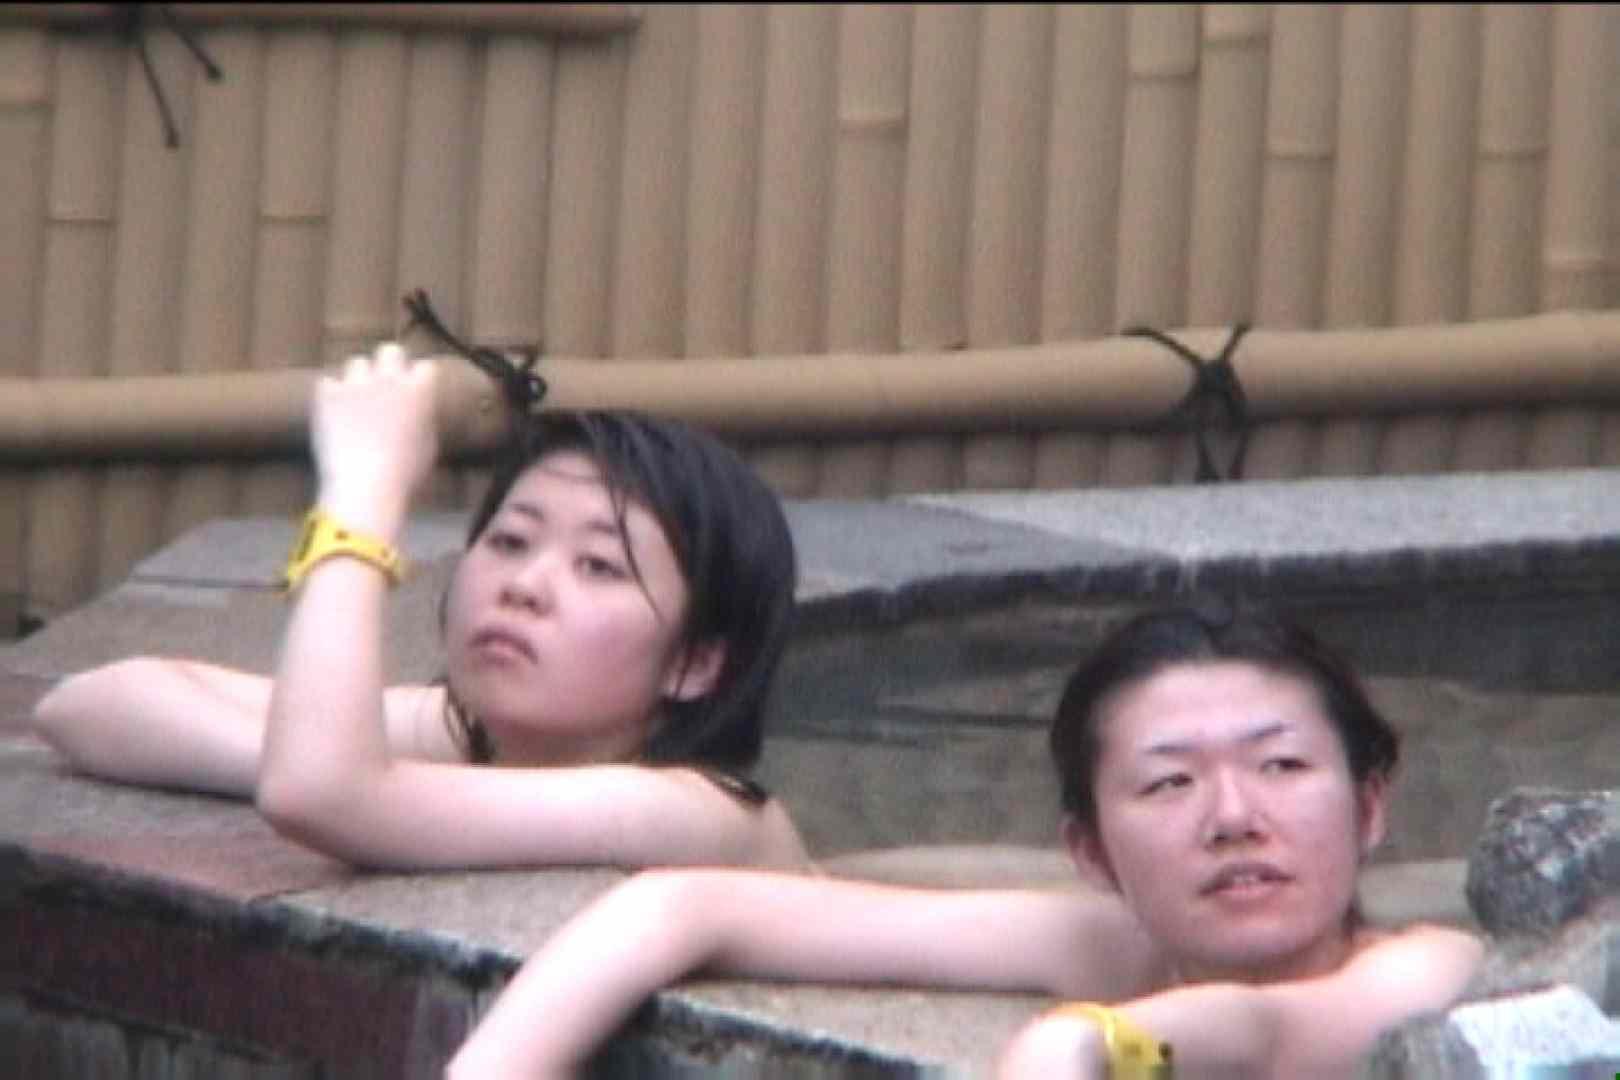 Aquaな露天風呂Vol.93【VIP限定】 盗撮シリーズ  76PIX 76